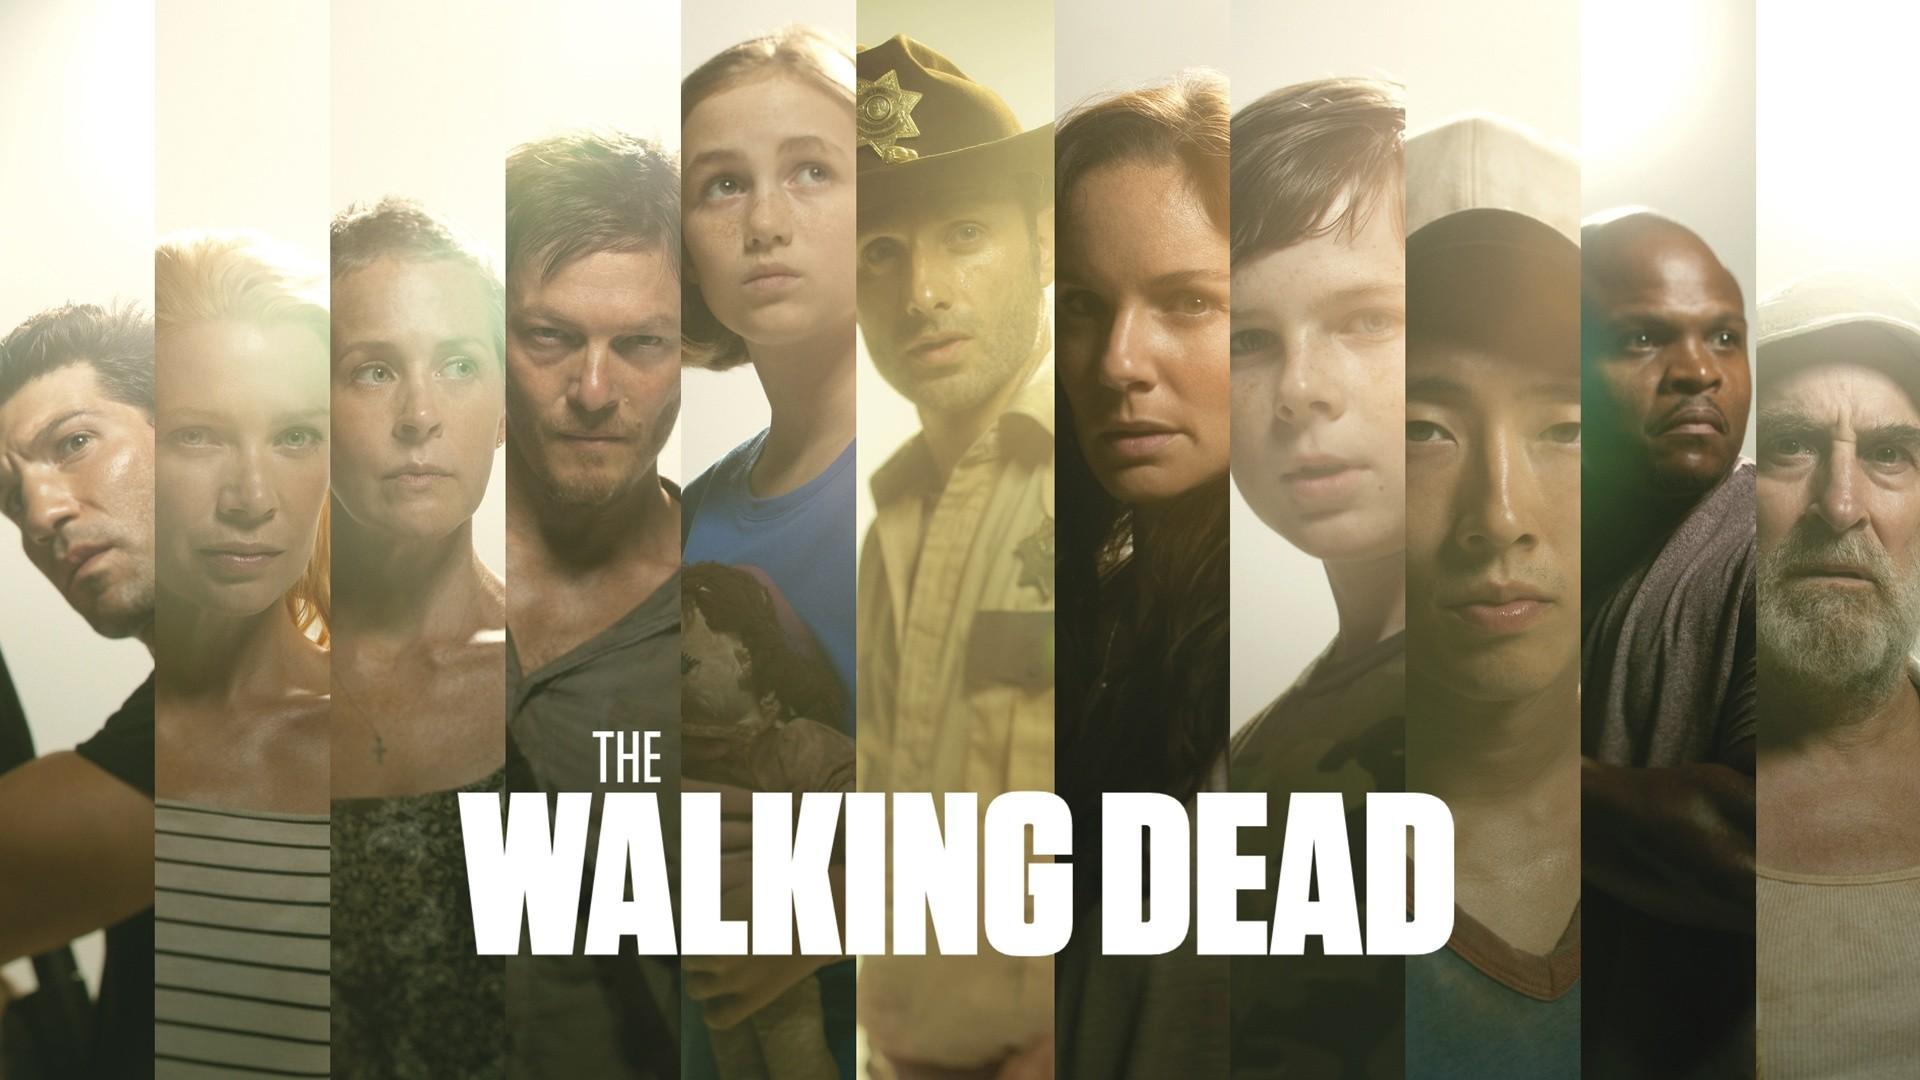 walking dead photographs   The Walking Dead Movie 2013 Wallpaper HD